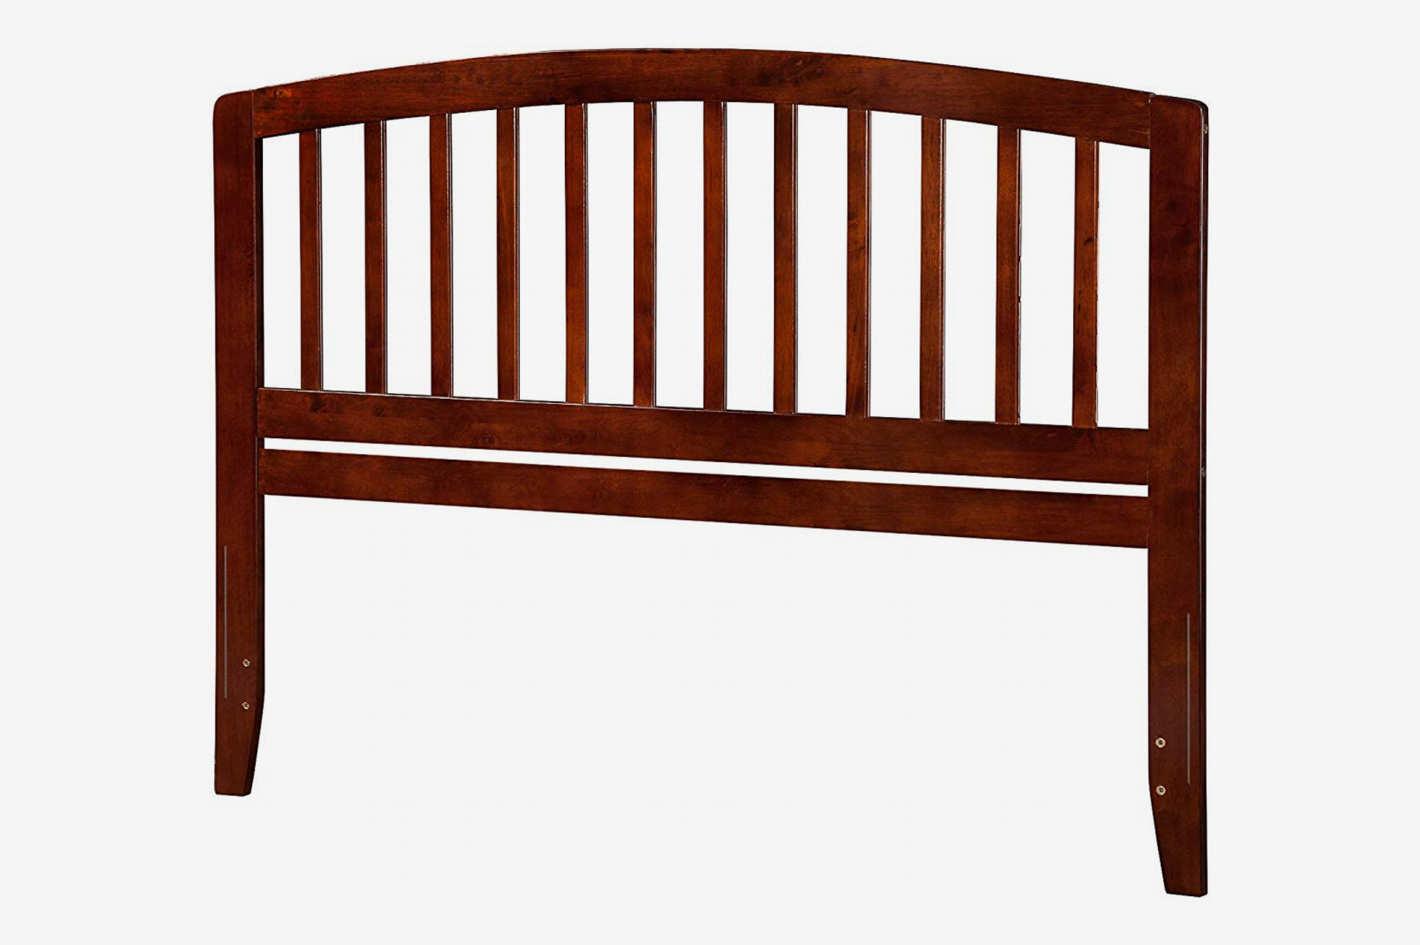 Atlantic Furniture Richmond Headboard, Walnut